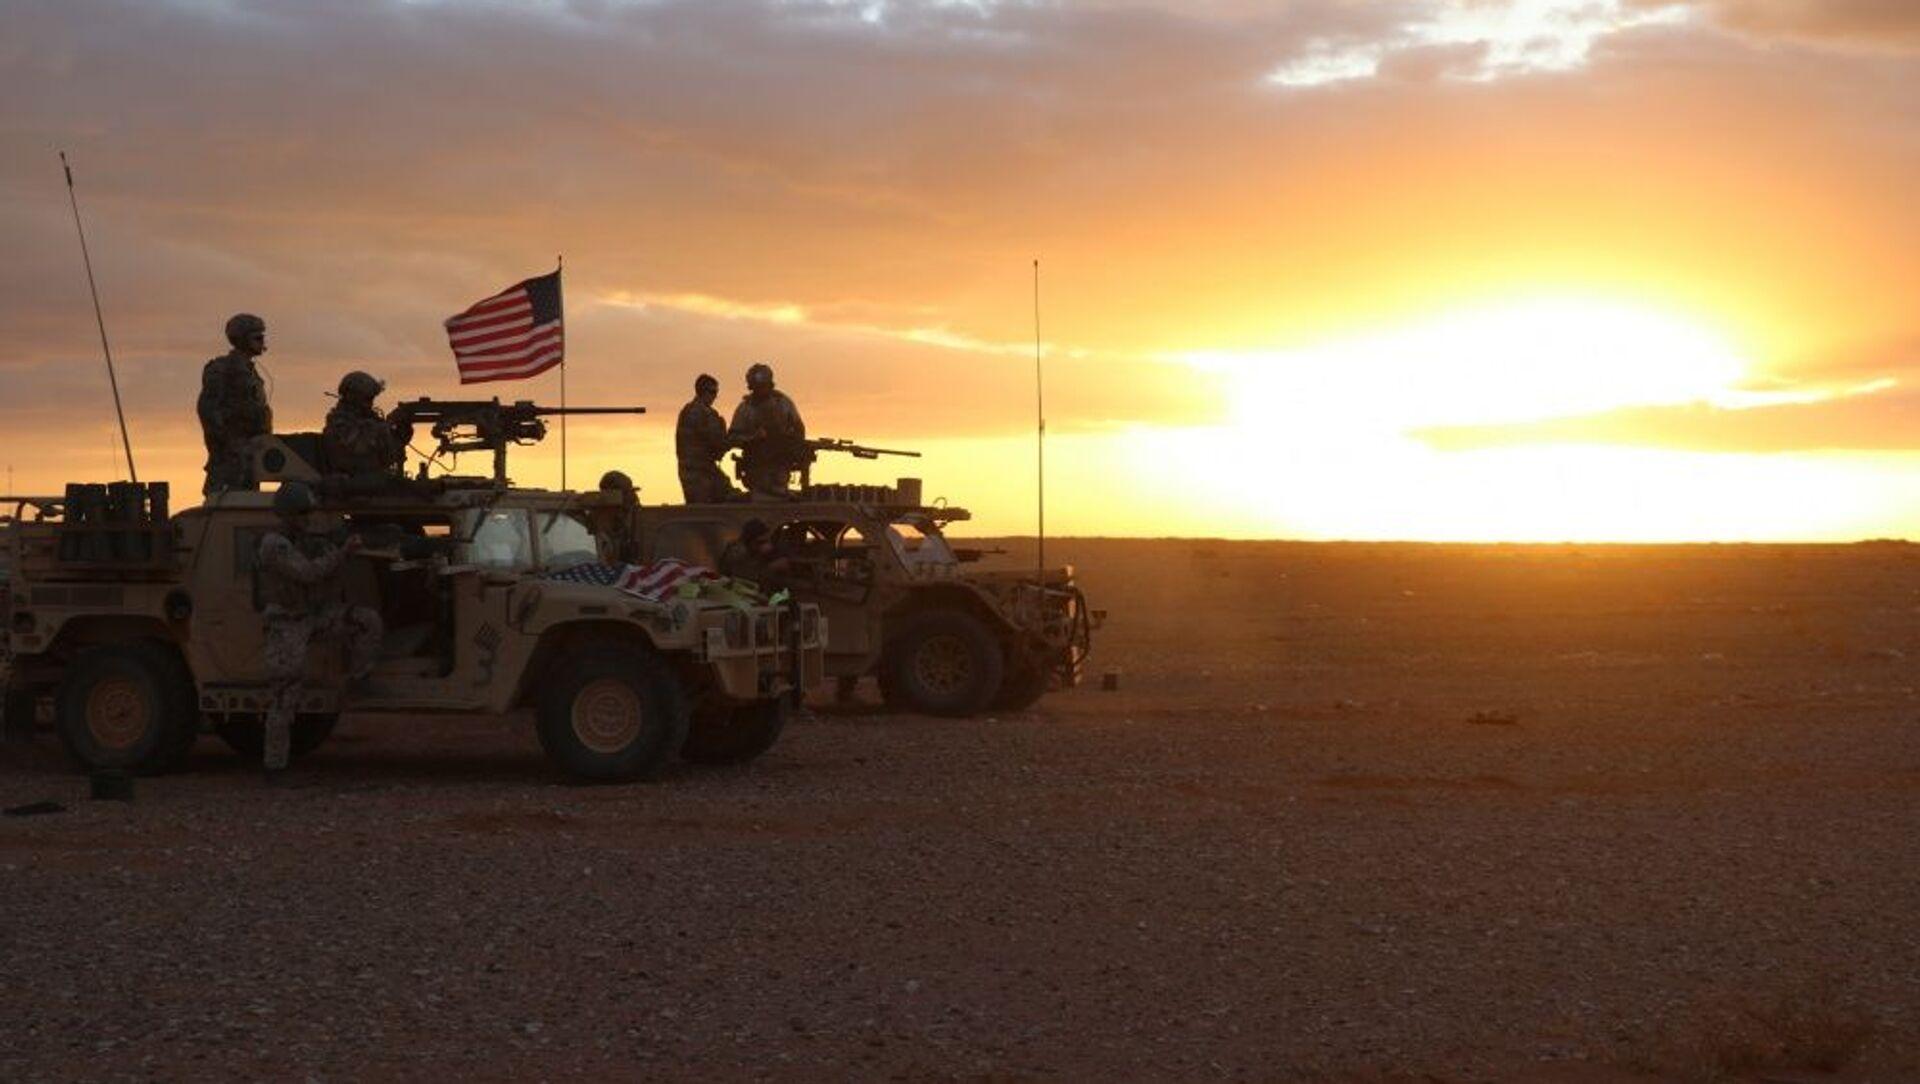 Американские военнослужащие в районе населенного пункта Эт-Танф, Сирия - Sputnik Узбекистан, 1920, 19.02.2021